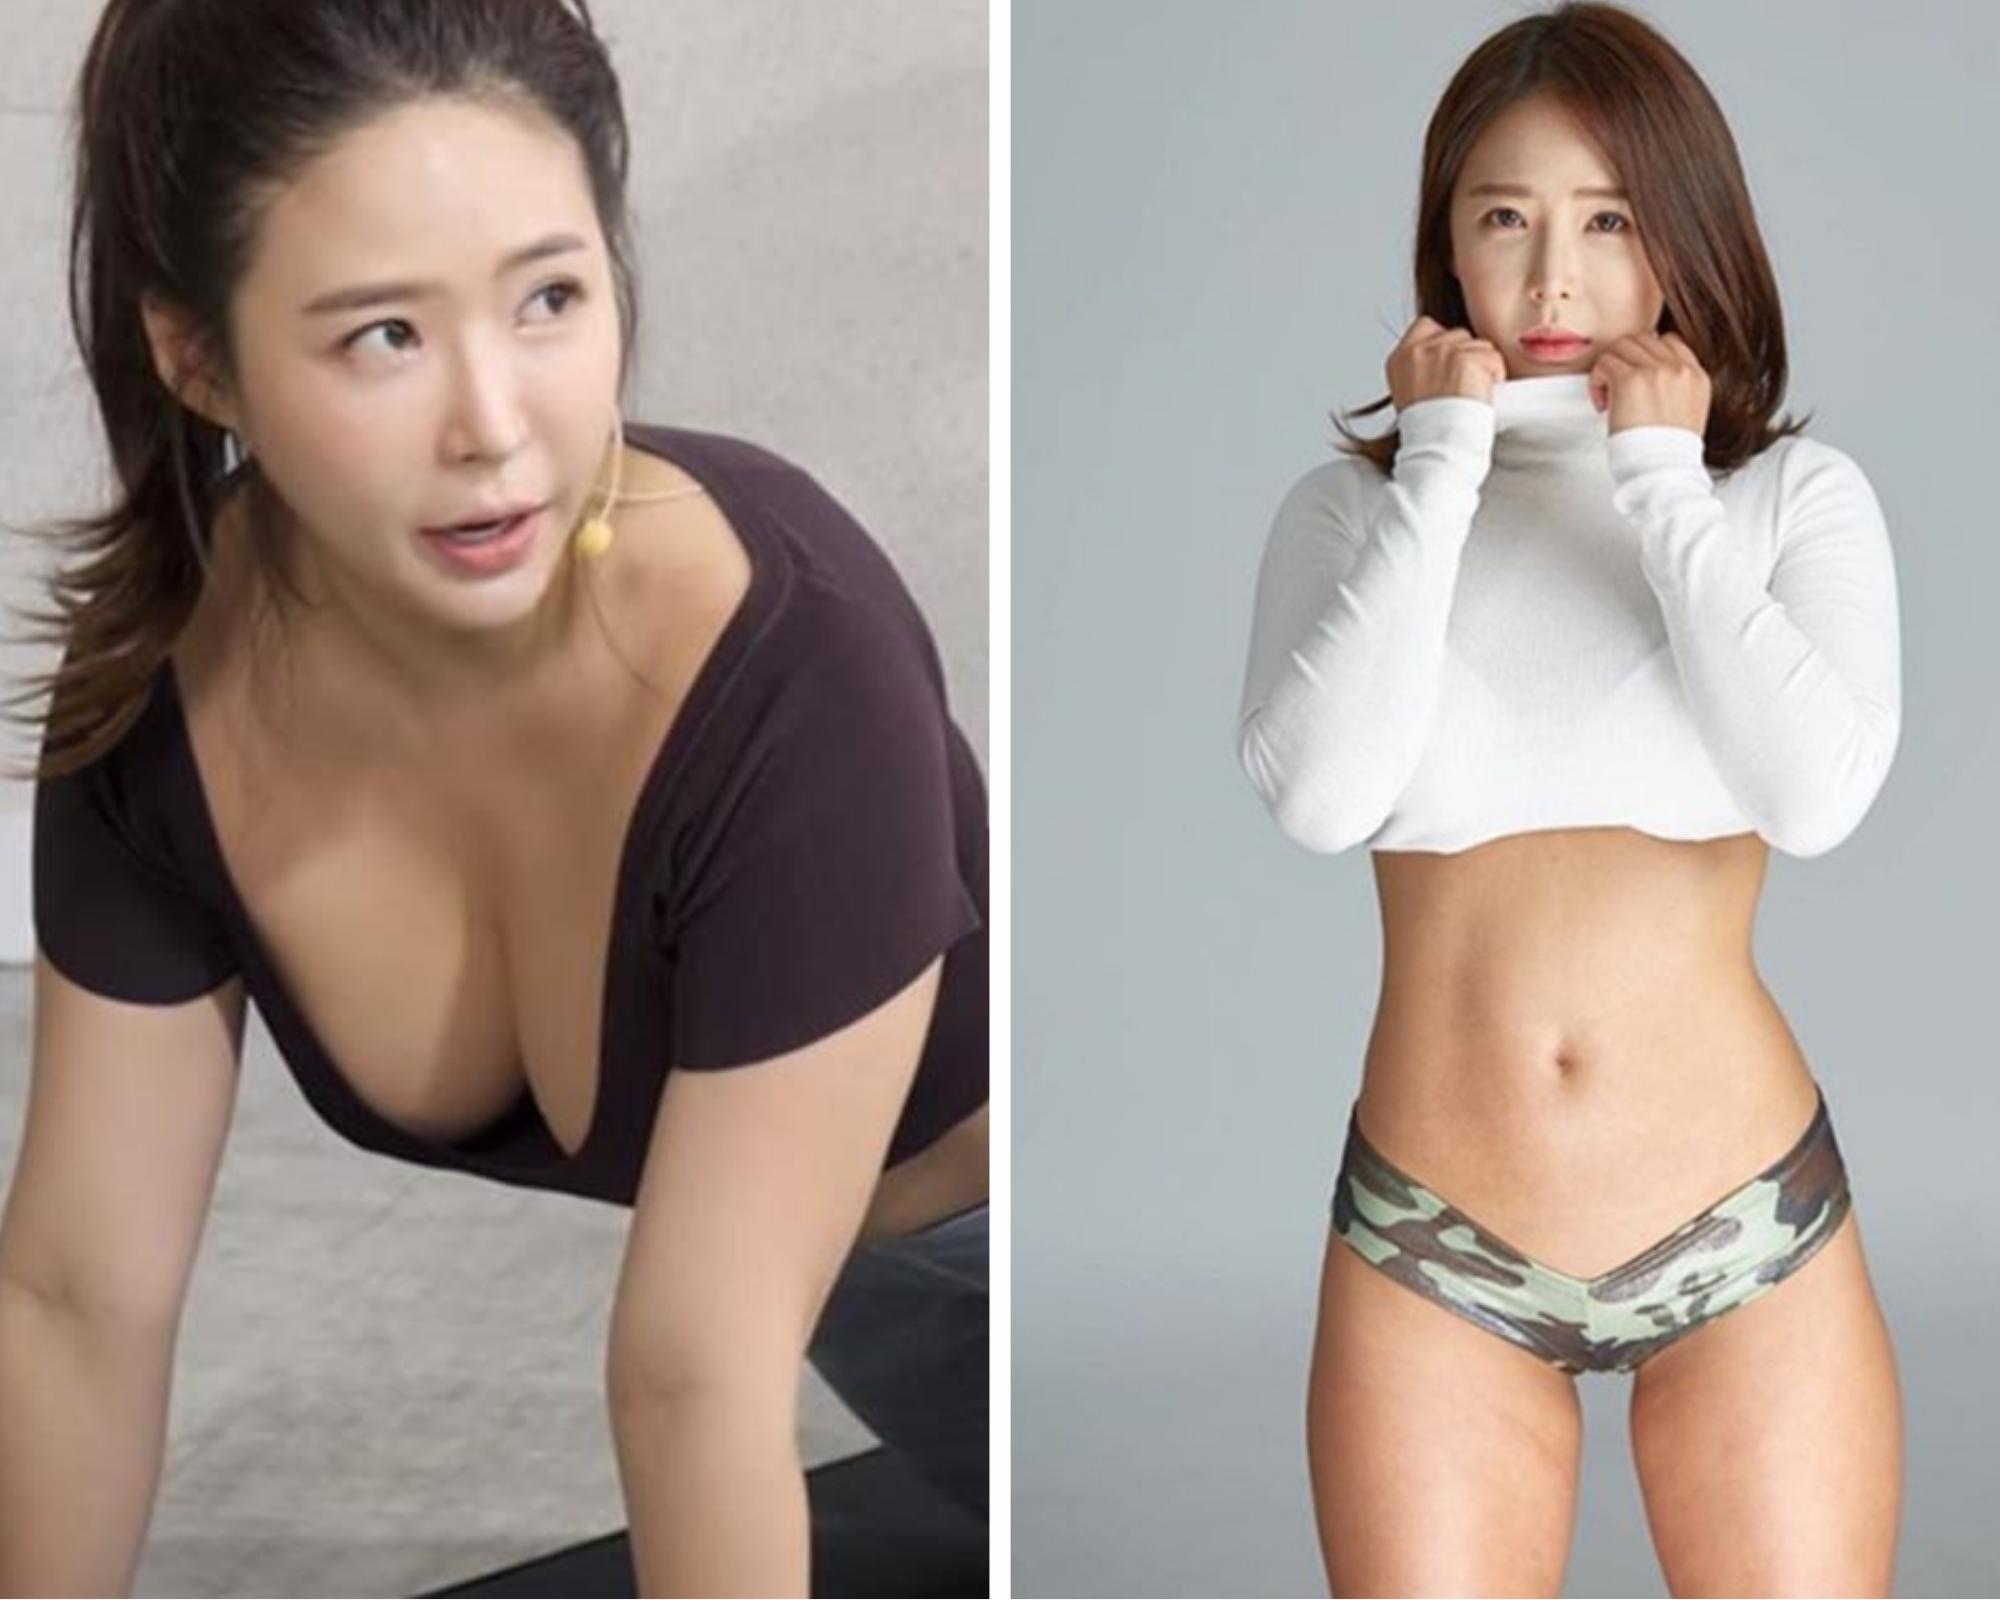 Nữ streamer 'triệu view' nhờ đăng clip hướng dẫn yoga nhưng vòng 1 'siêu to khổng lồ' mới là 'nội dung' chính